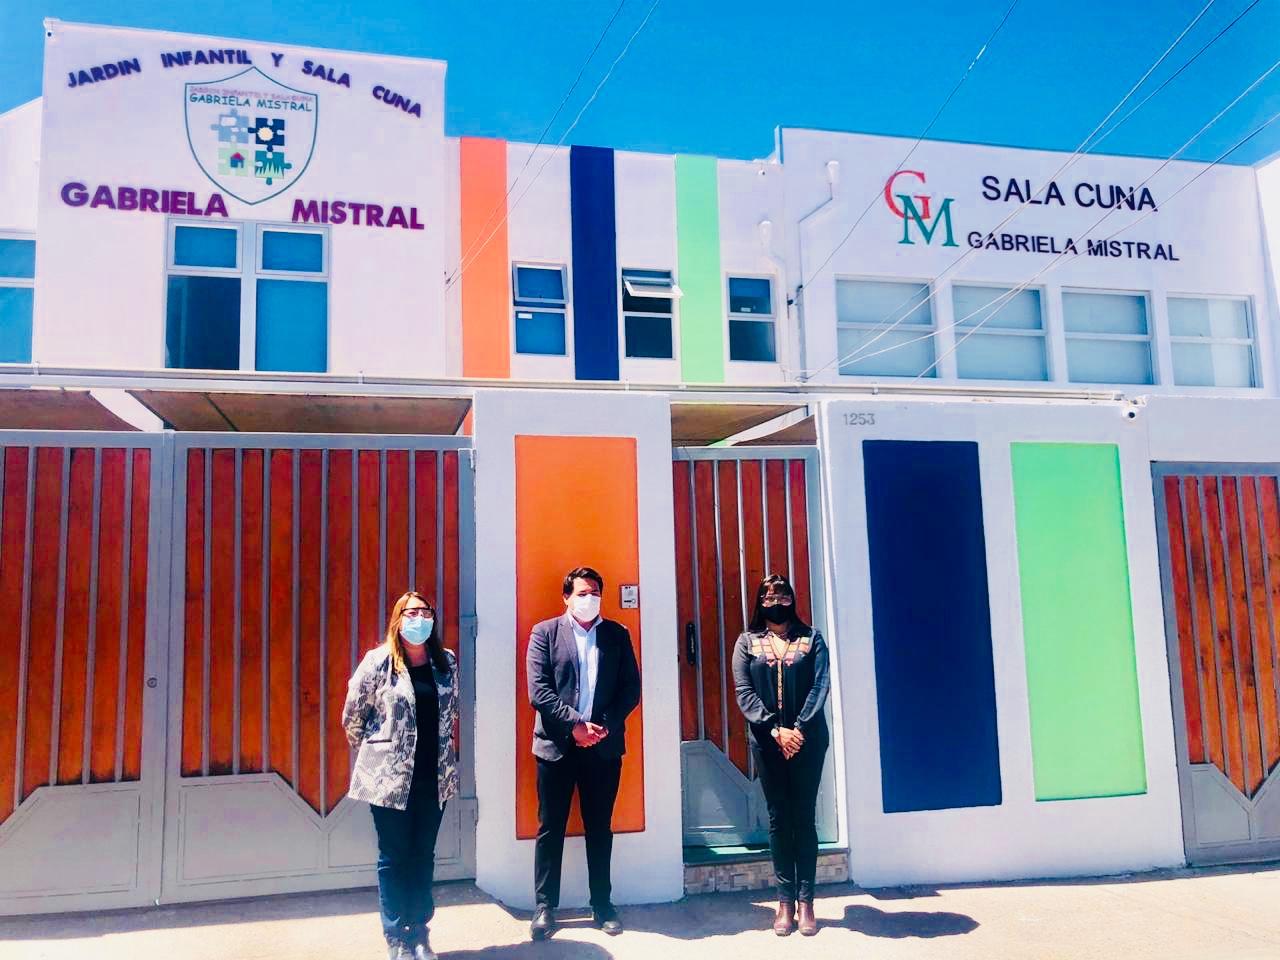 Primer Establecimiento en reabrir en la región de Antofagasta